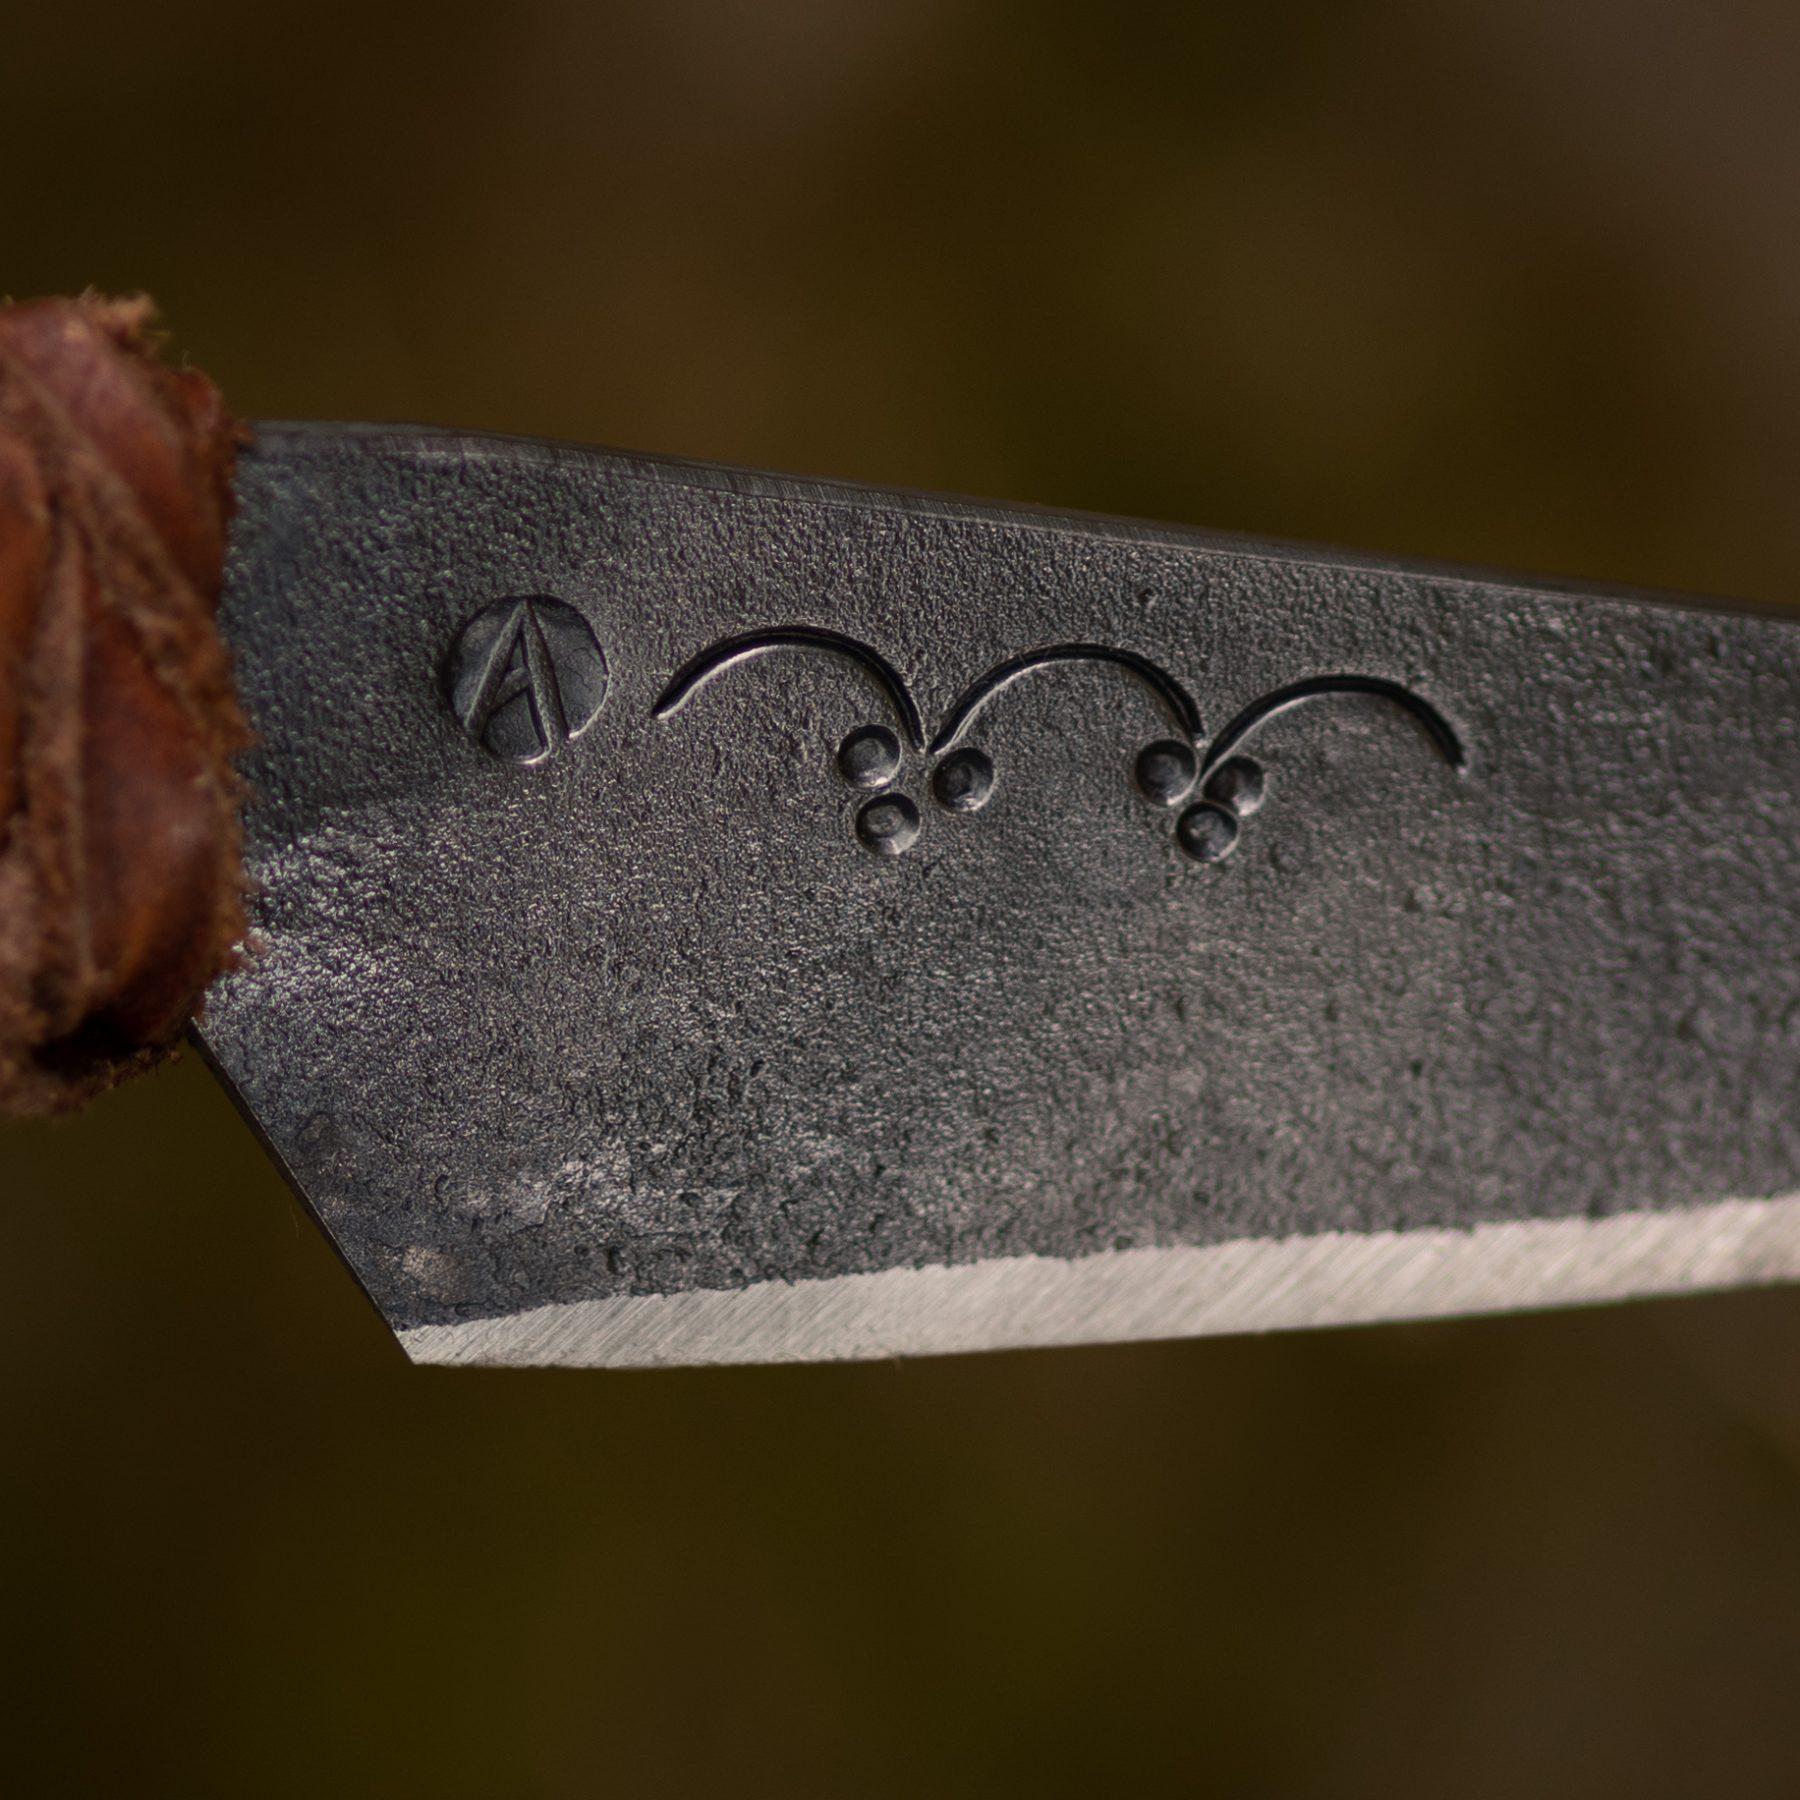 Ornaments var. 2 on a blade